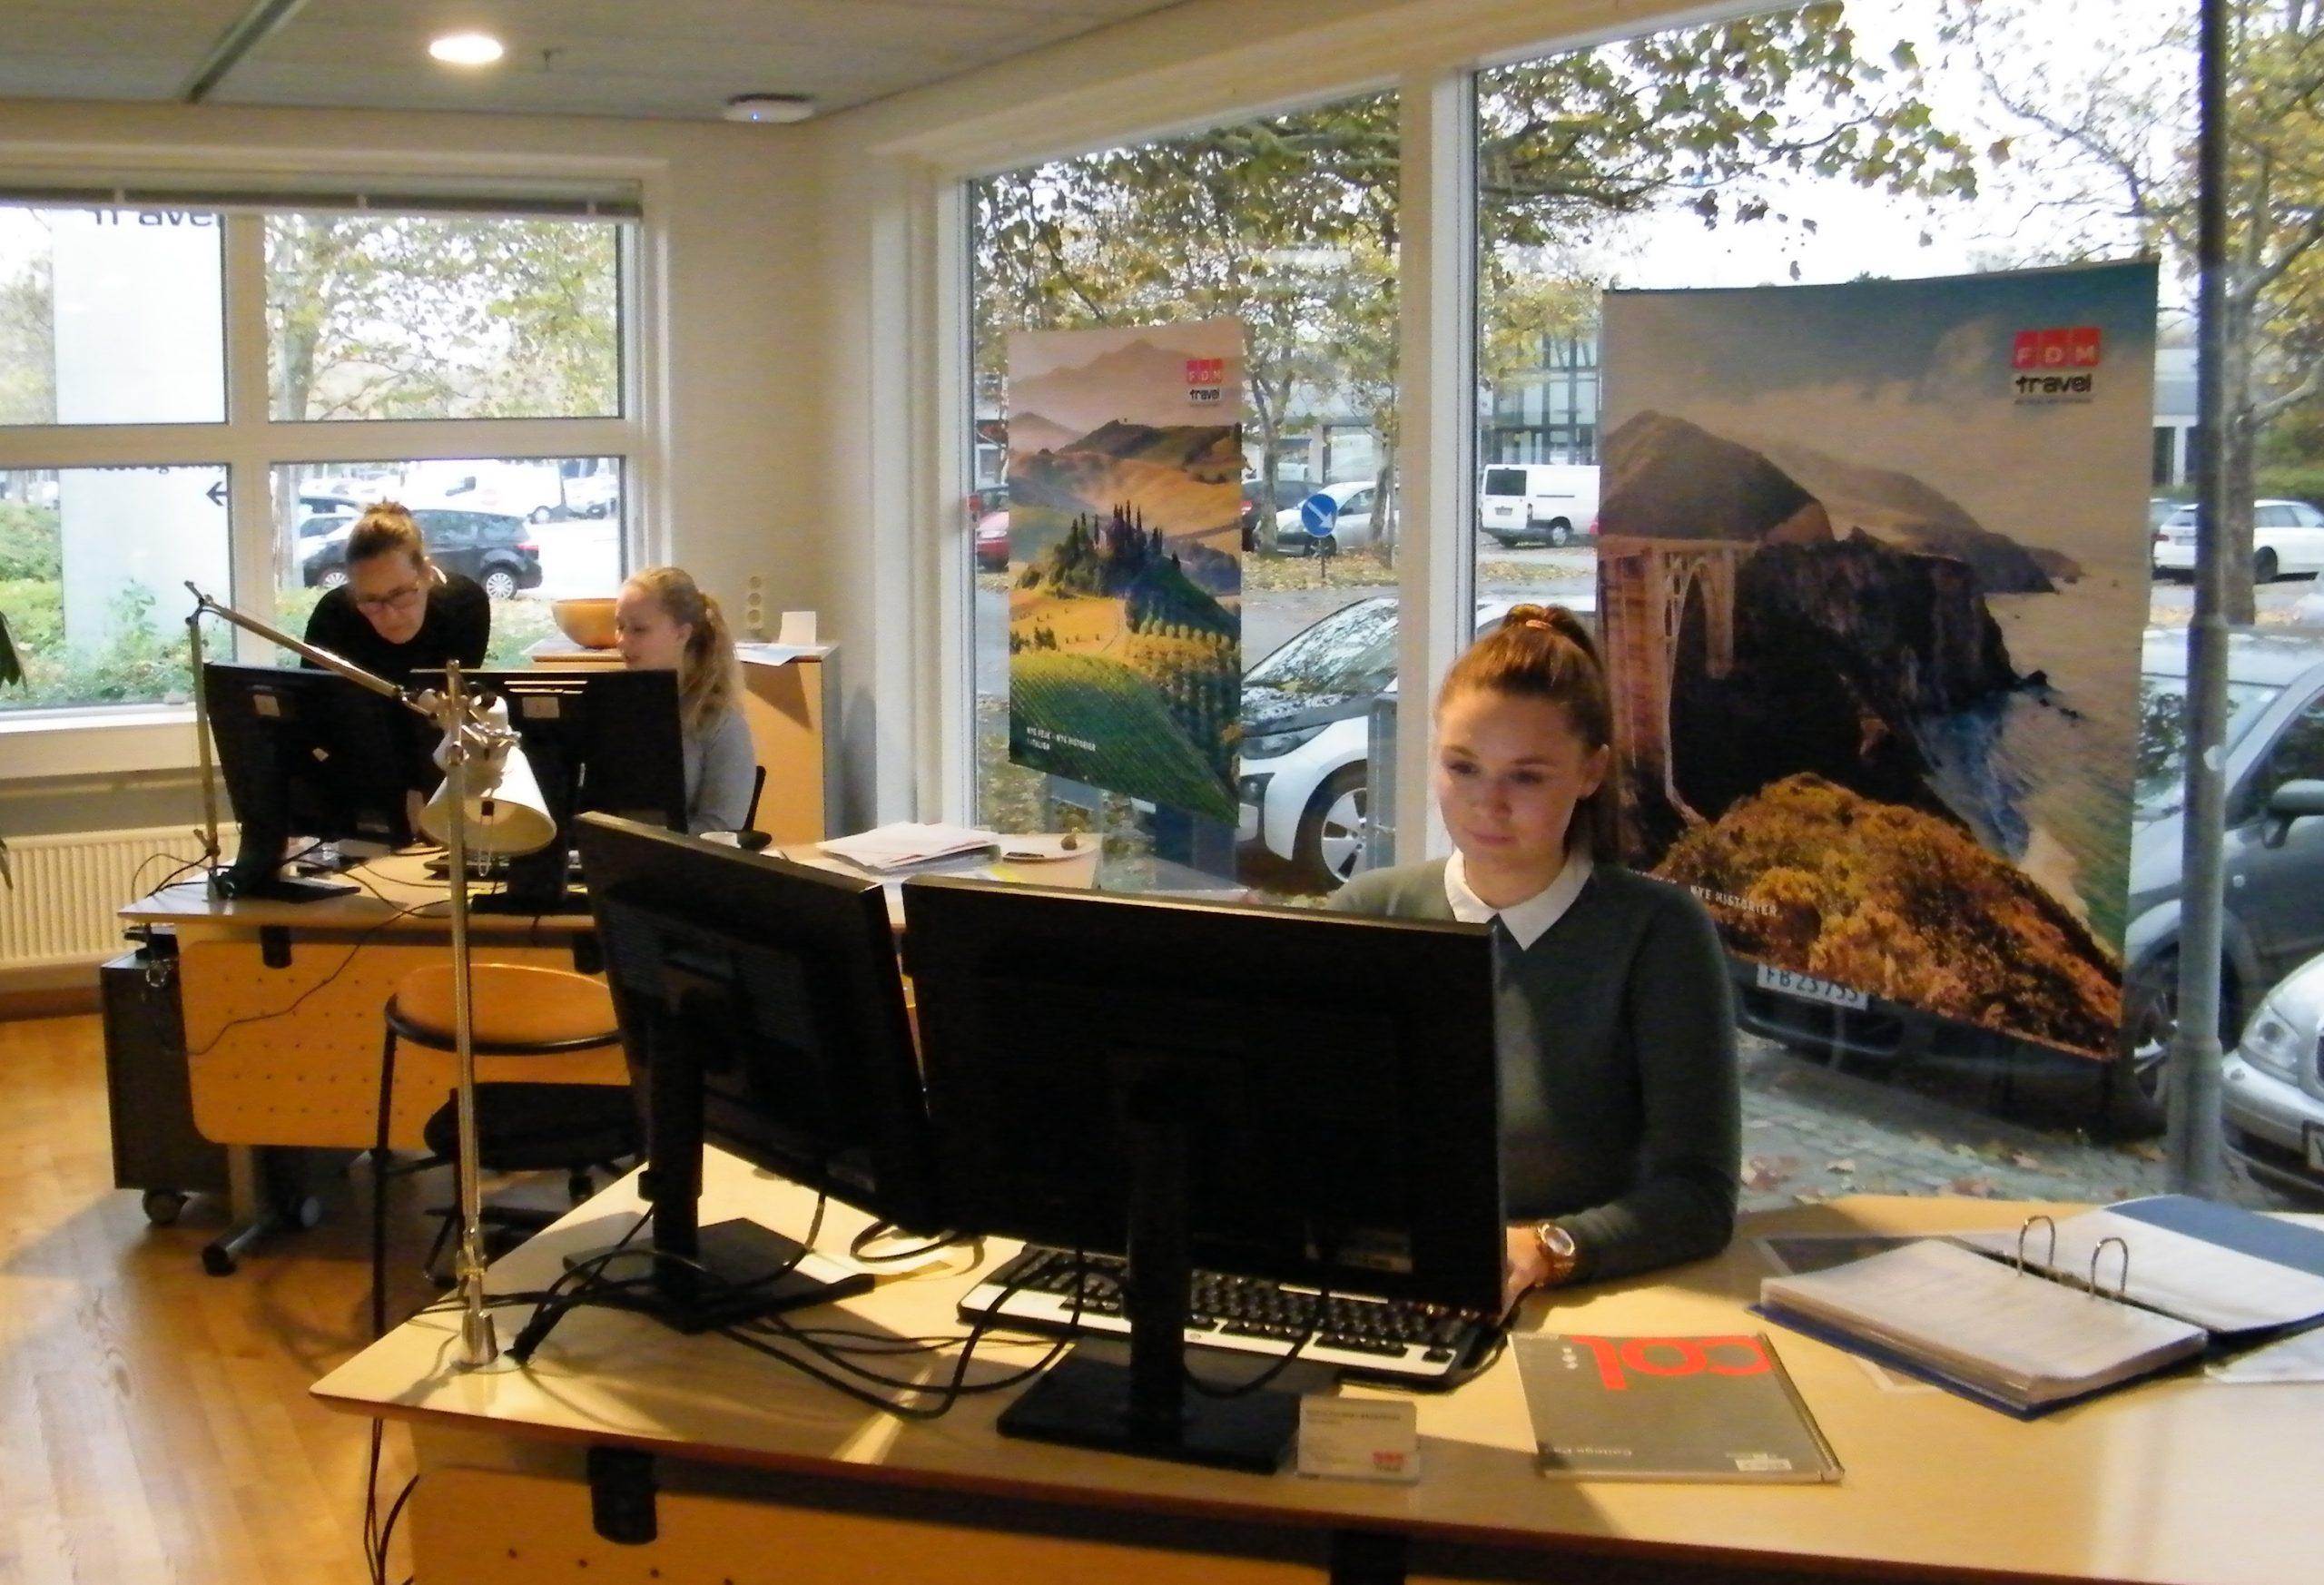 FDM Travels otte rejsebutikker er midlertidigt lukket, men alle opkald besvares stadig af medarbejderne. Arkvifoto: Henrik Baumgarten.